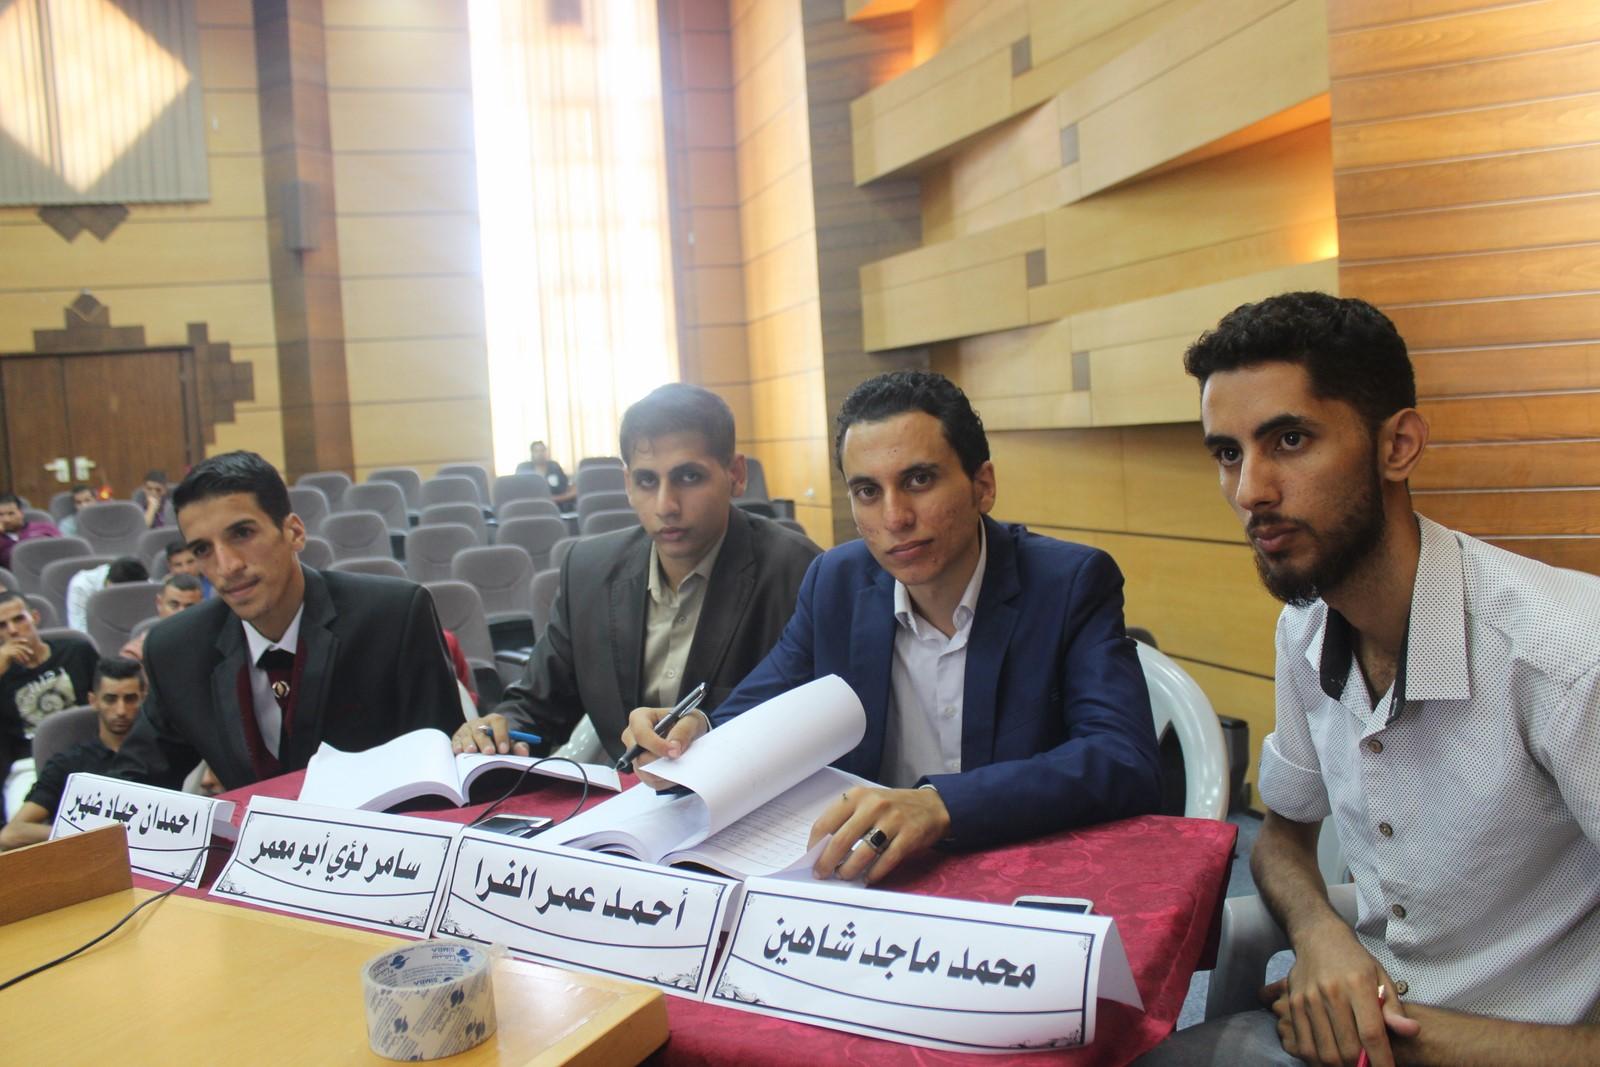 أ.أحمد عمر الفرا وزملاؤه يُنافشون بحث التخرج